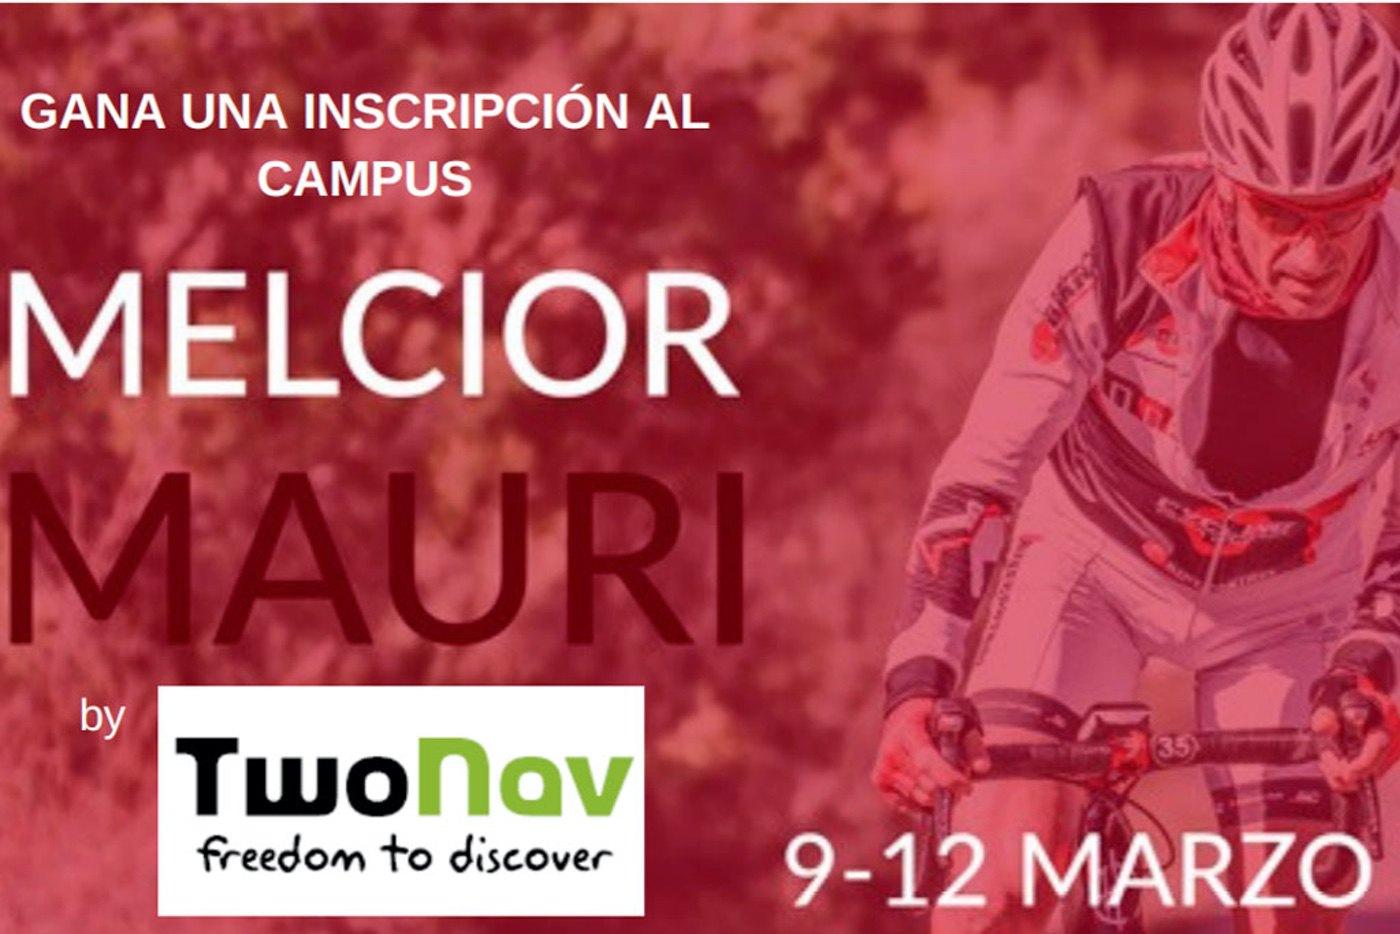 Cómo conseguir una inscripción al Campus Melchor Mauri y probar el nuevo navegador TwoNav Velo